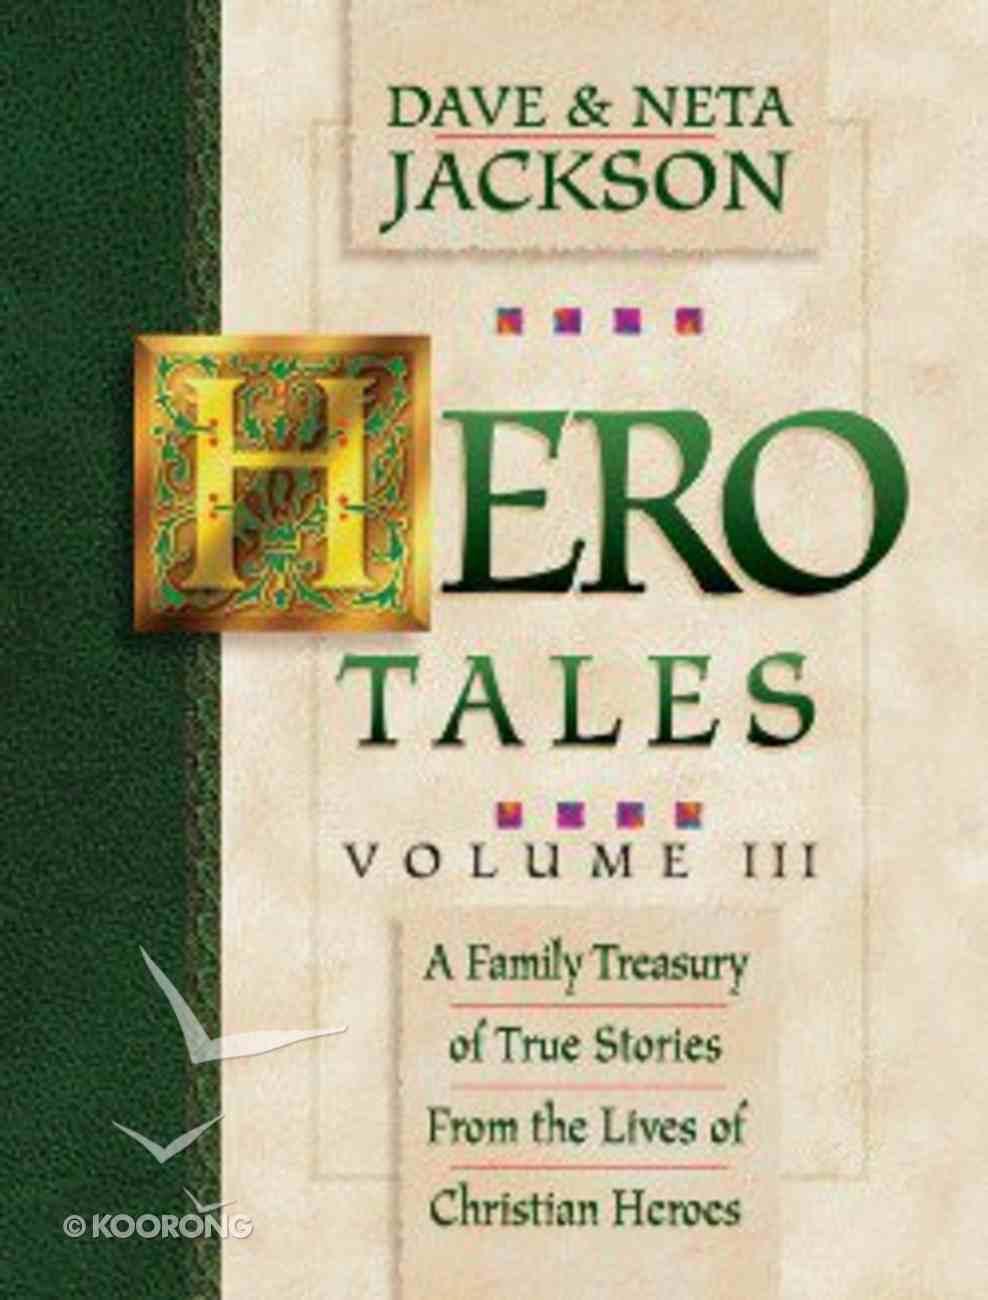 Hero Tales Volume 3 Paperback